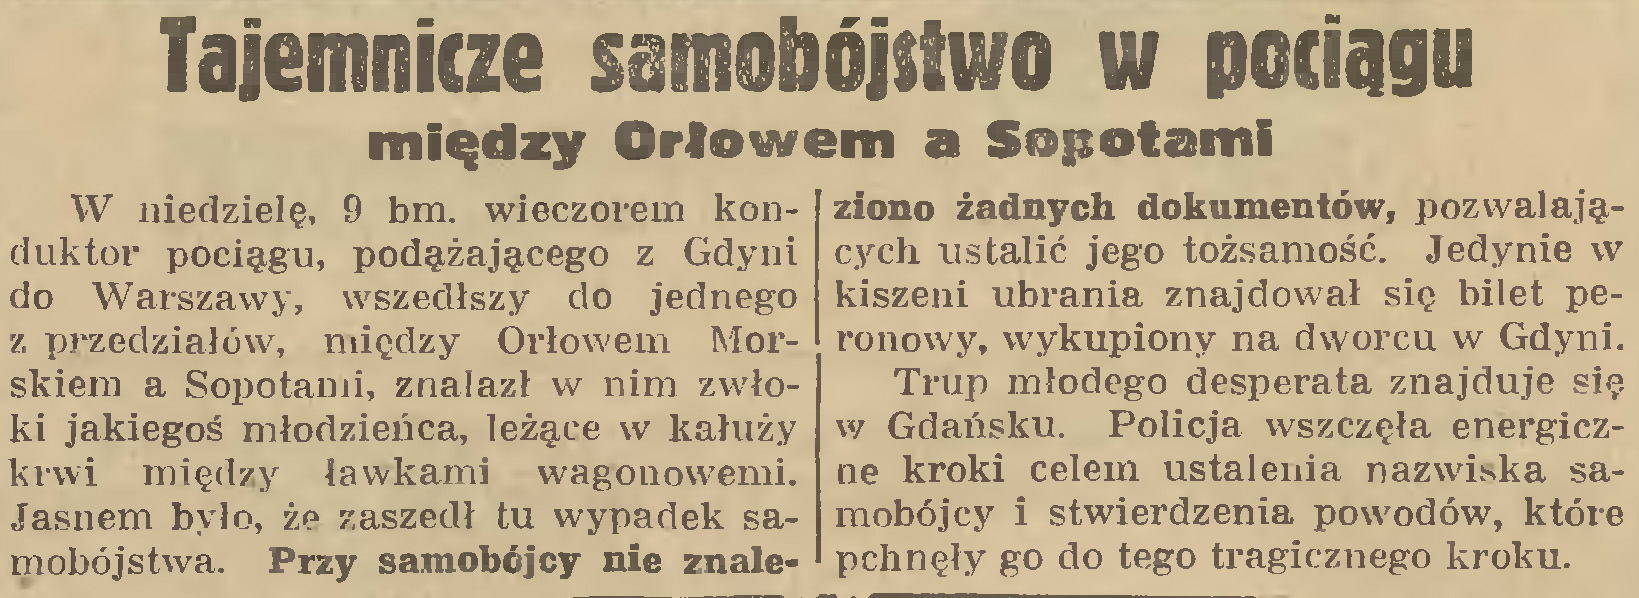 Tajemnicze samobójstwo w pociągu między Orłowem a Sopotami // Gazeta Gdańska. - 1935, nr 129, s. 7